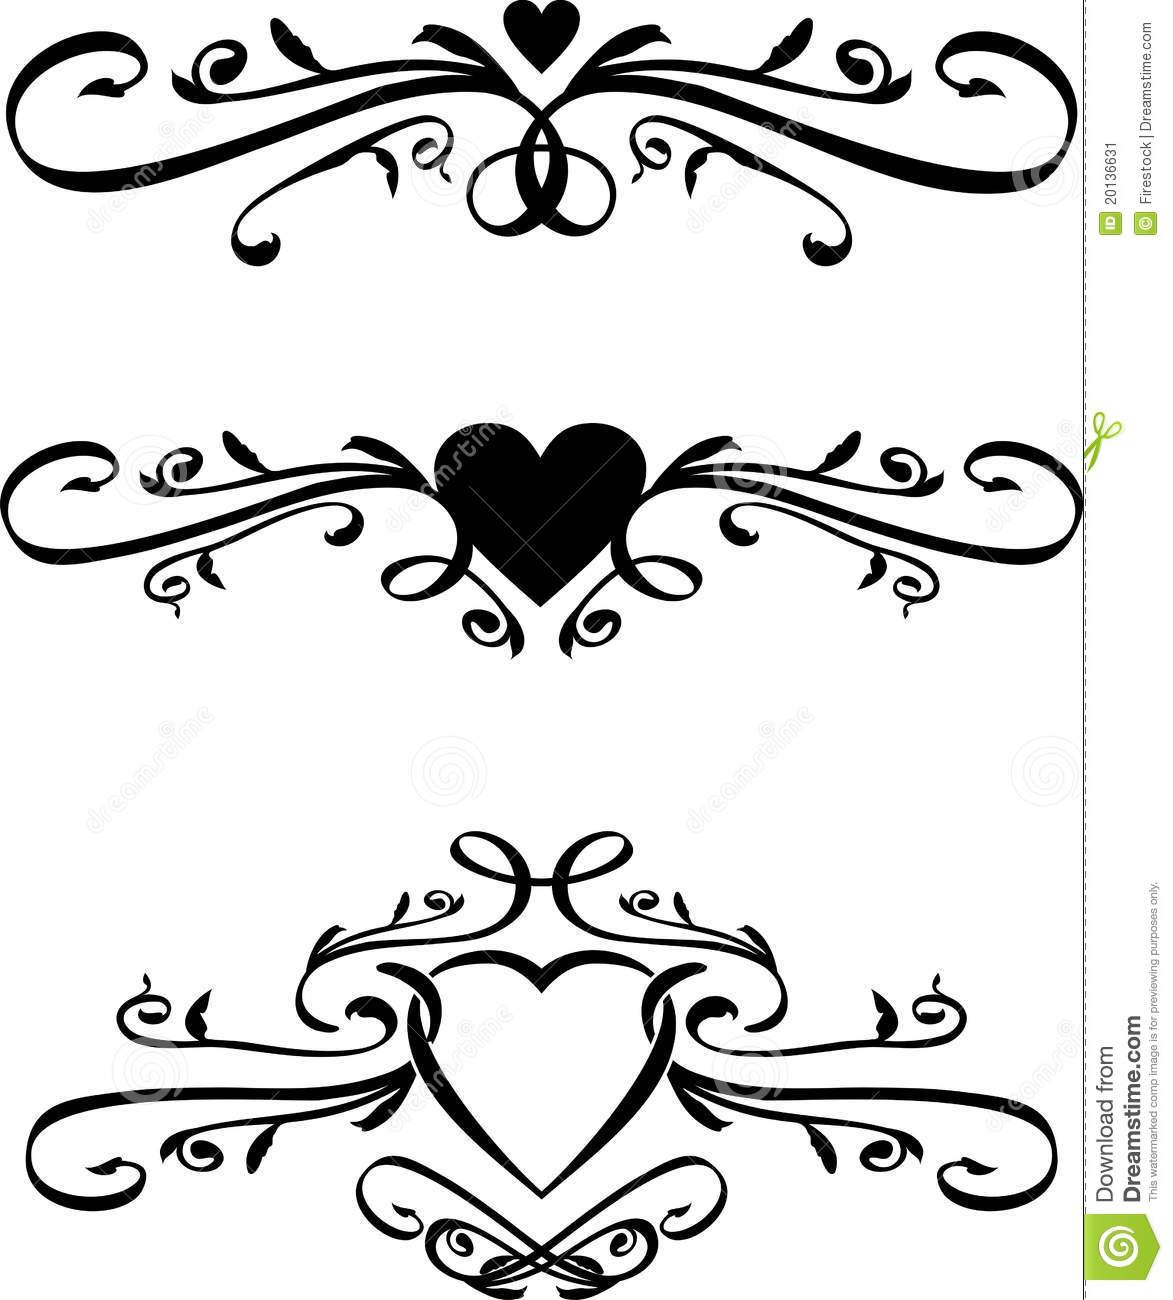 Wedding scroll clipart svg Wedding Scroll | Free download best Wedding Scroll on ... svg